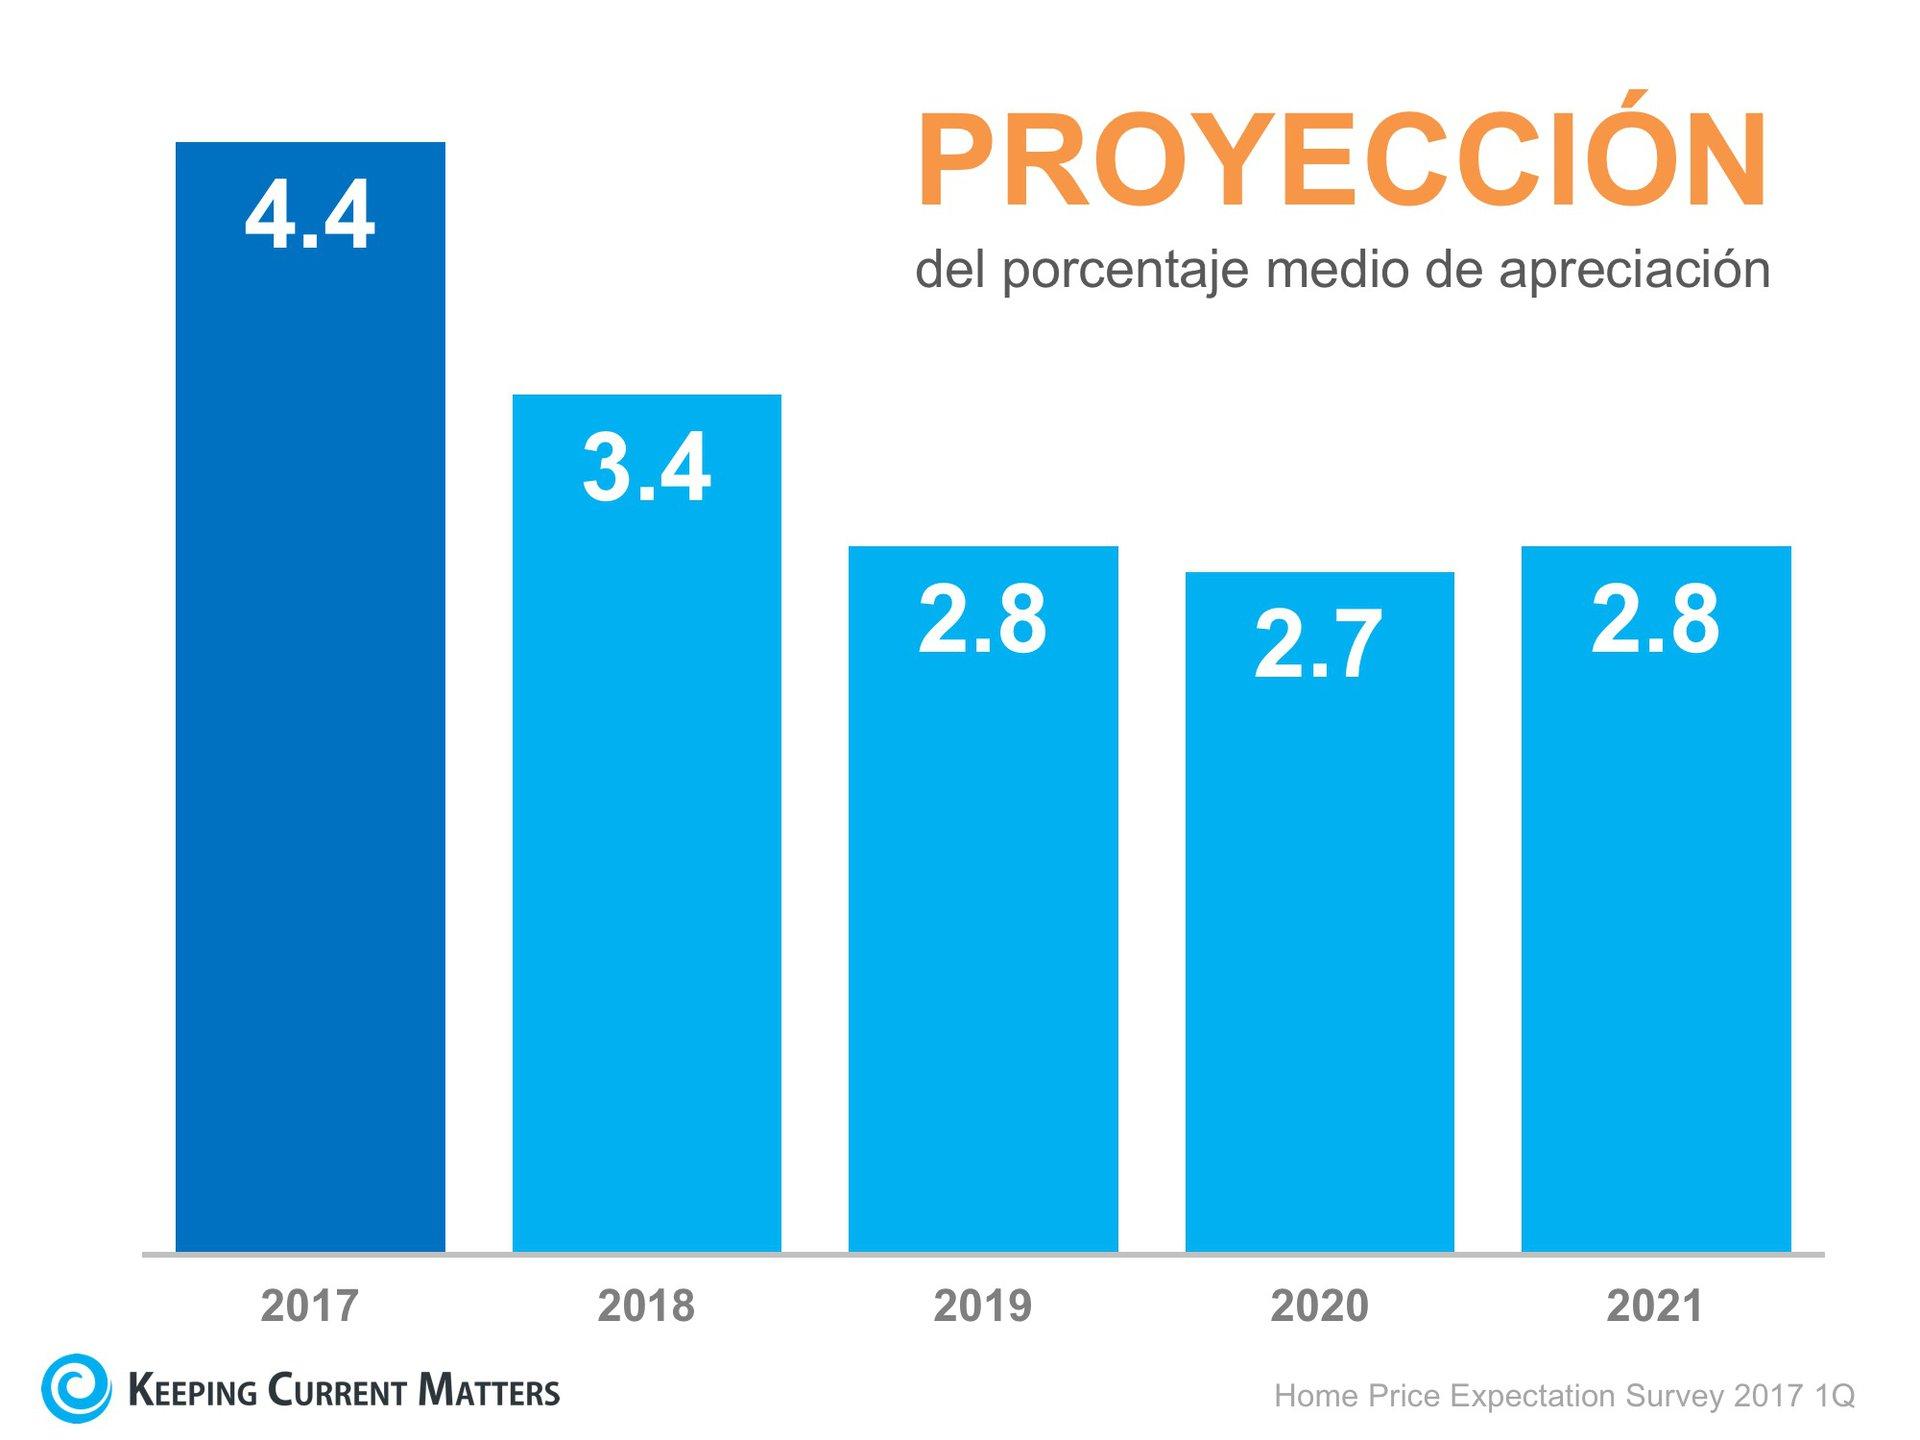 ¿Hacia dónde van los precios de las casas en los próximos 5 años? | Keeping Current Matters